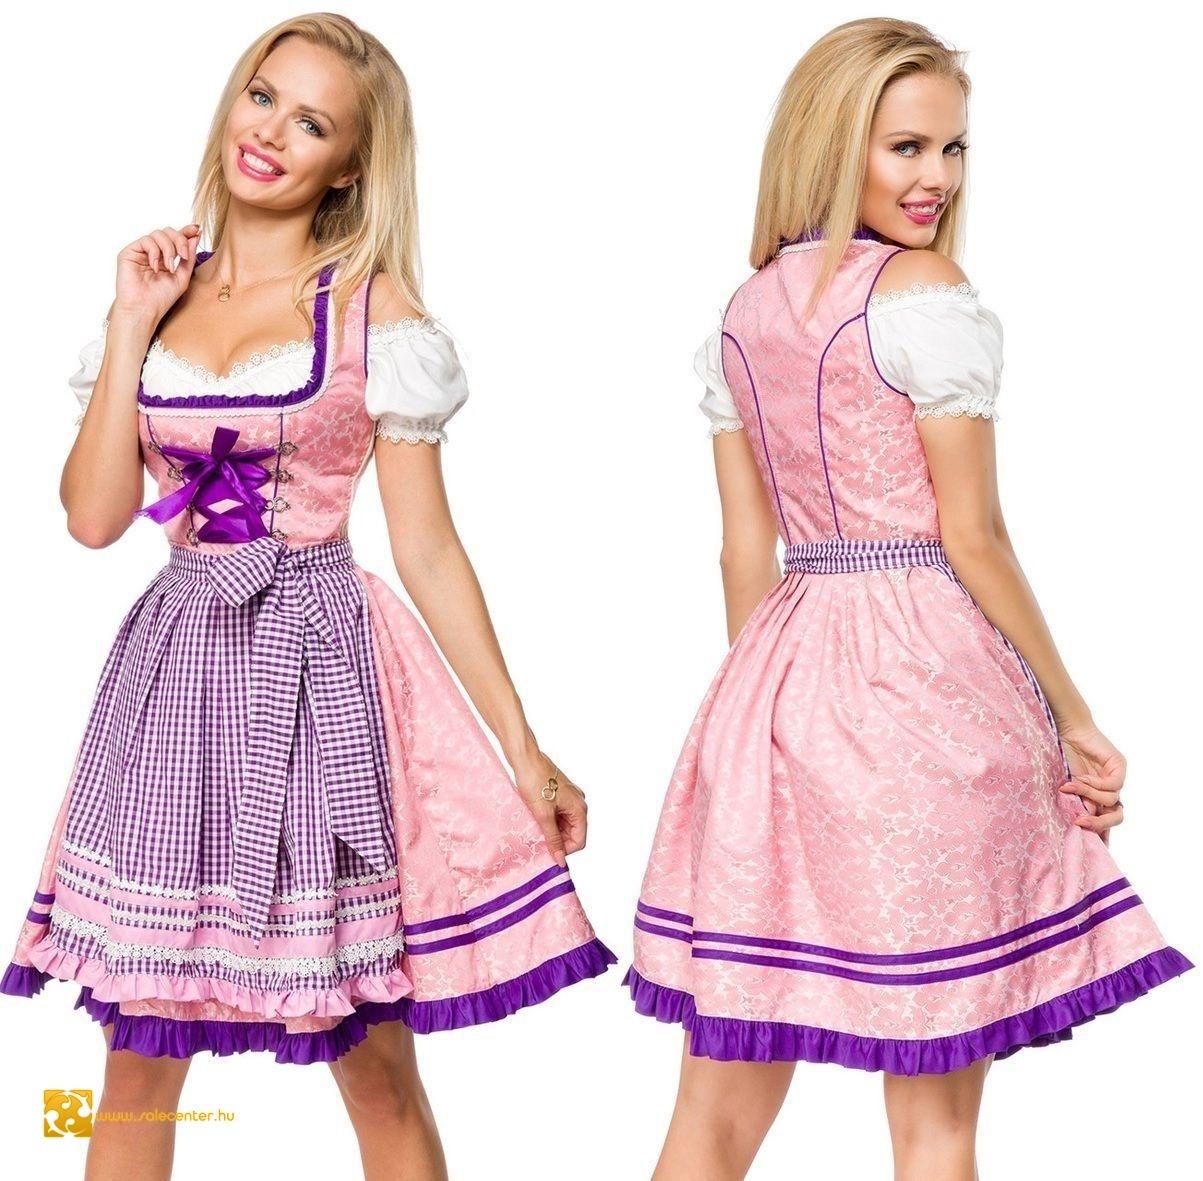 Lila-rózsaszín kockás bajor ruha (XS,S,M,L,XL,2XL,3XL)